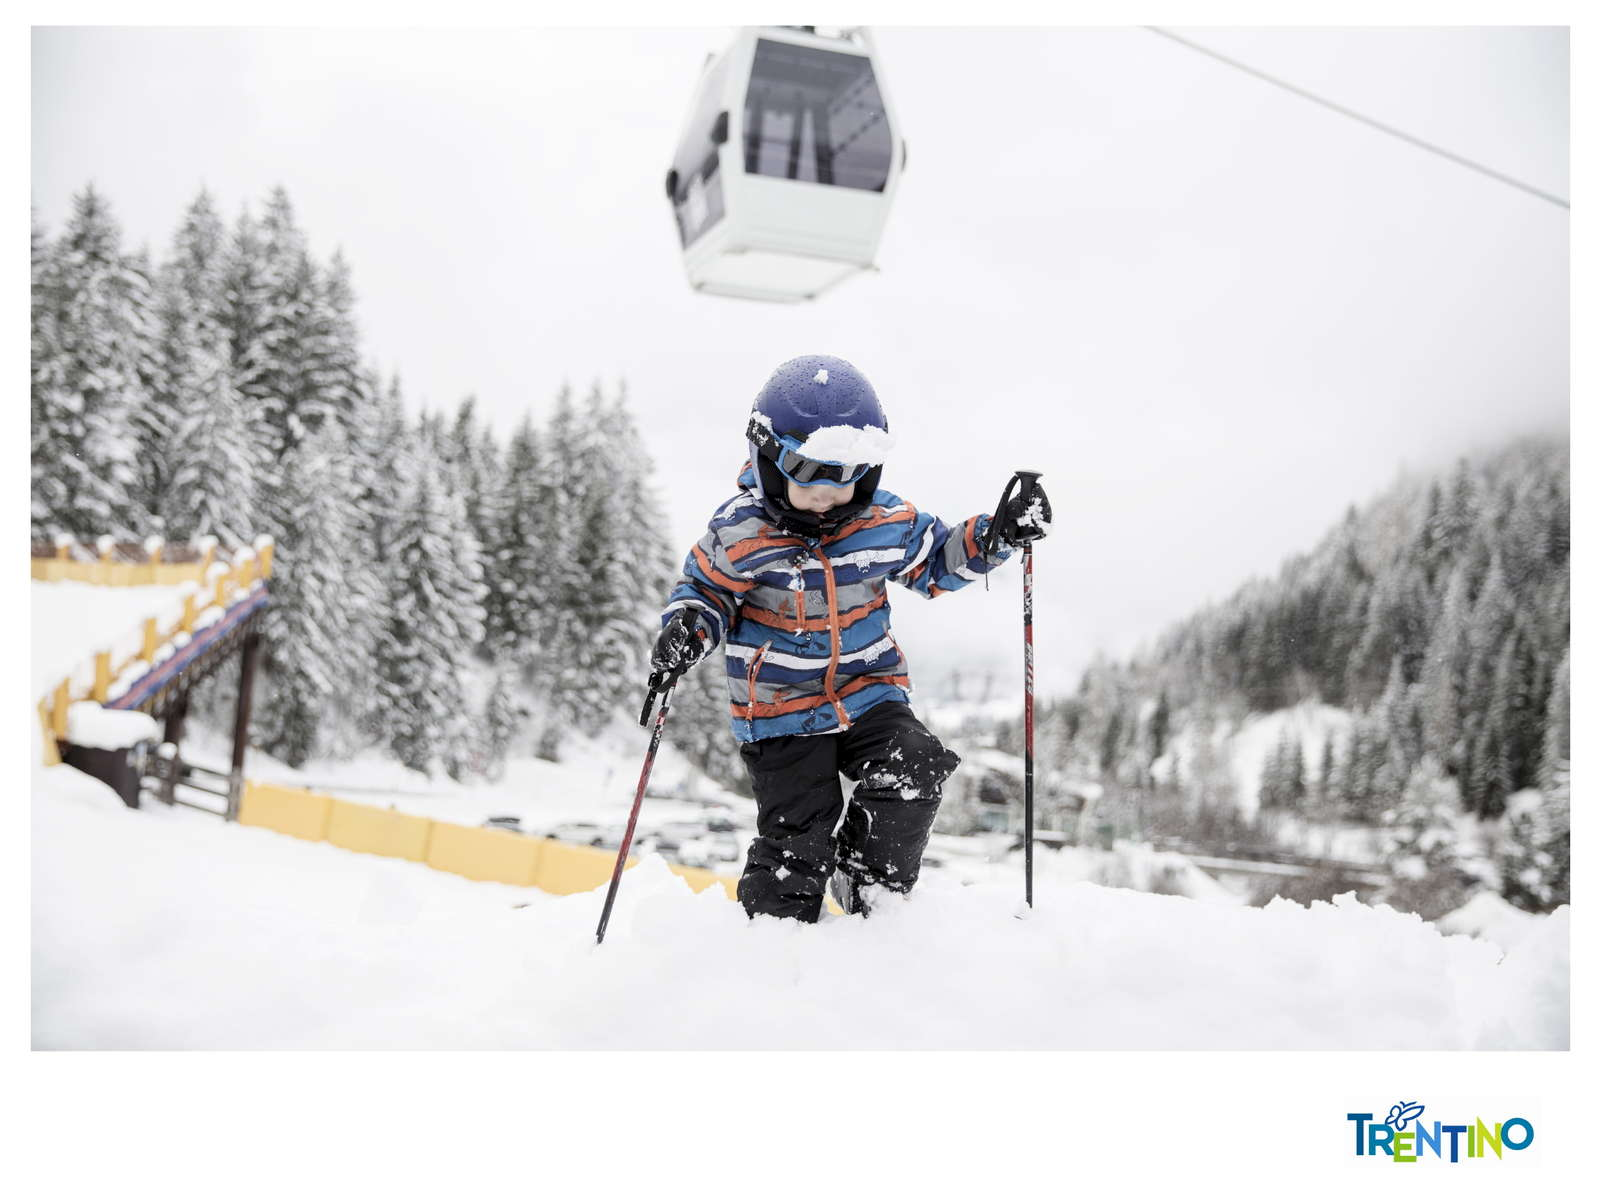 Trentino_Corporate02